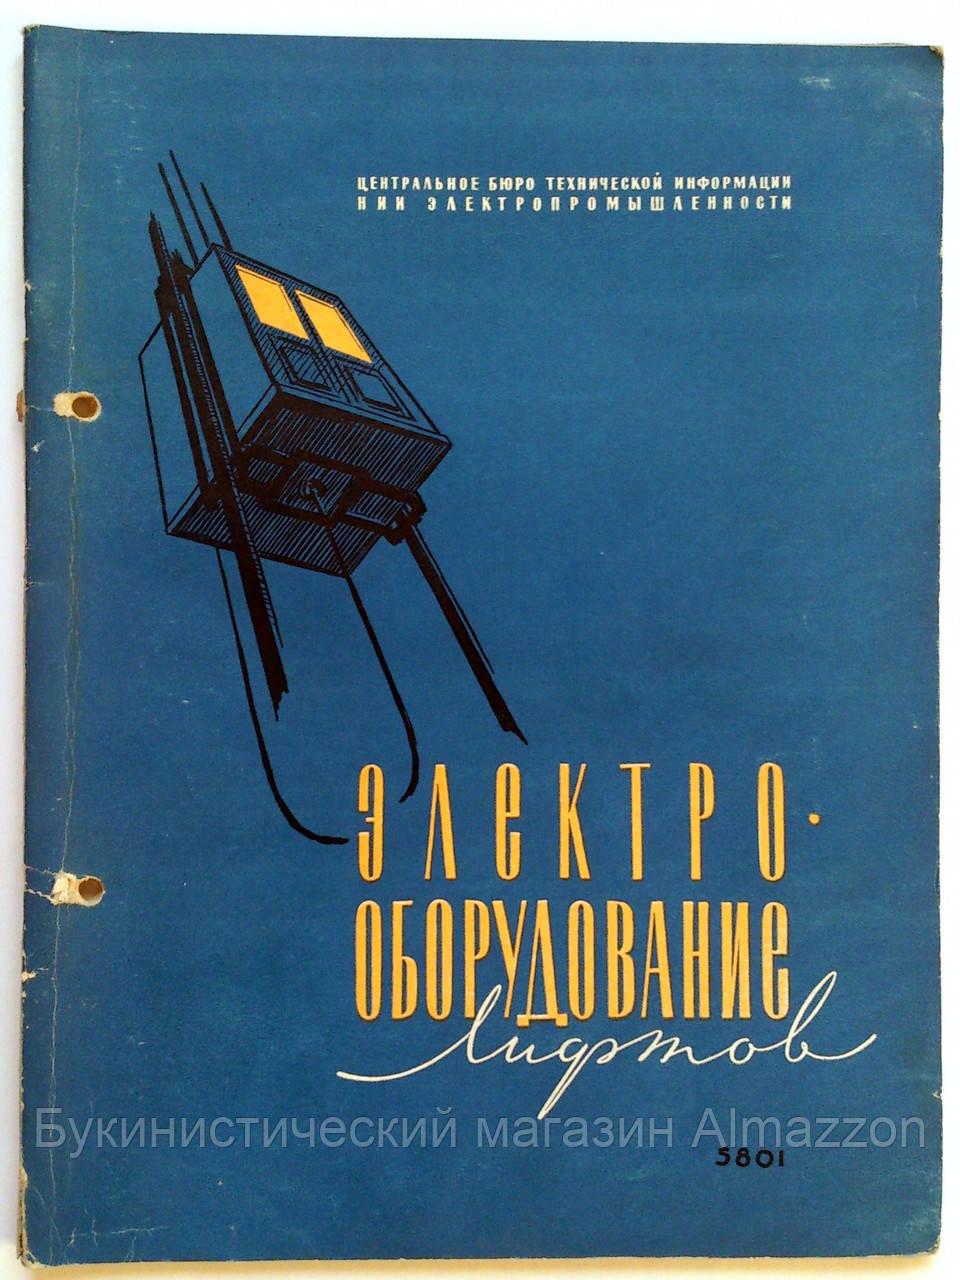 """Журнал (Бюллетень) """"Электрооборудование лифтов"""" 1959 год"""